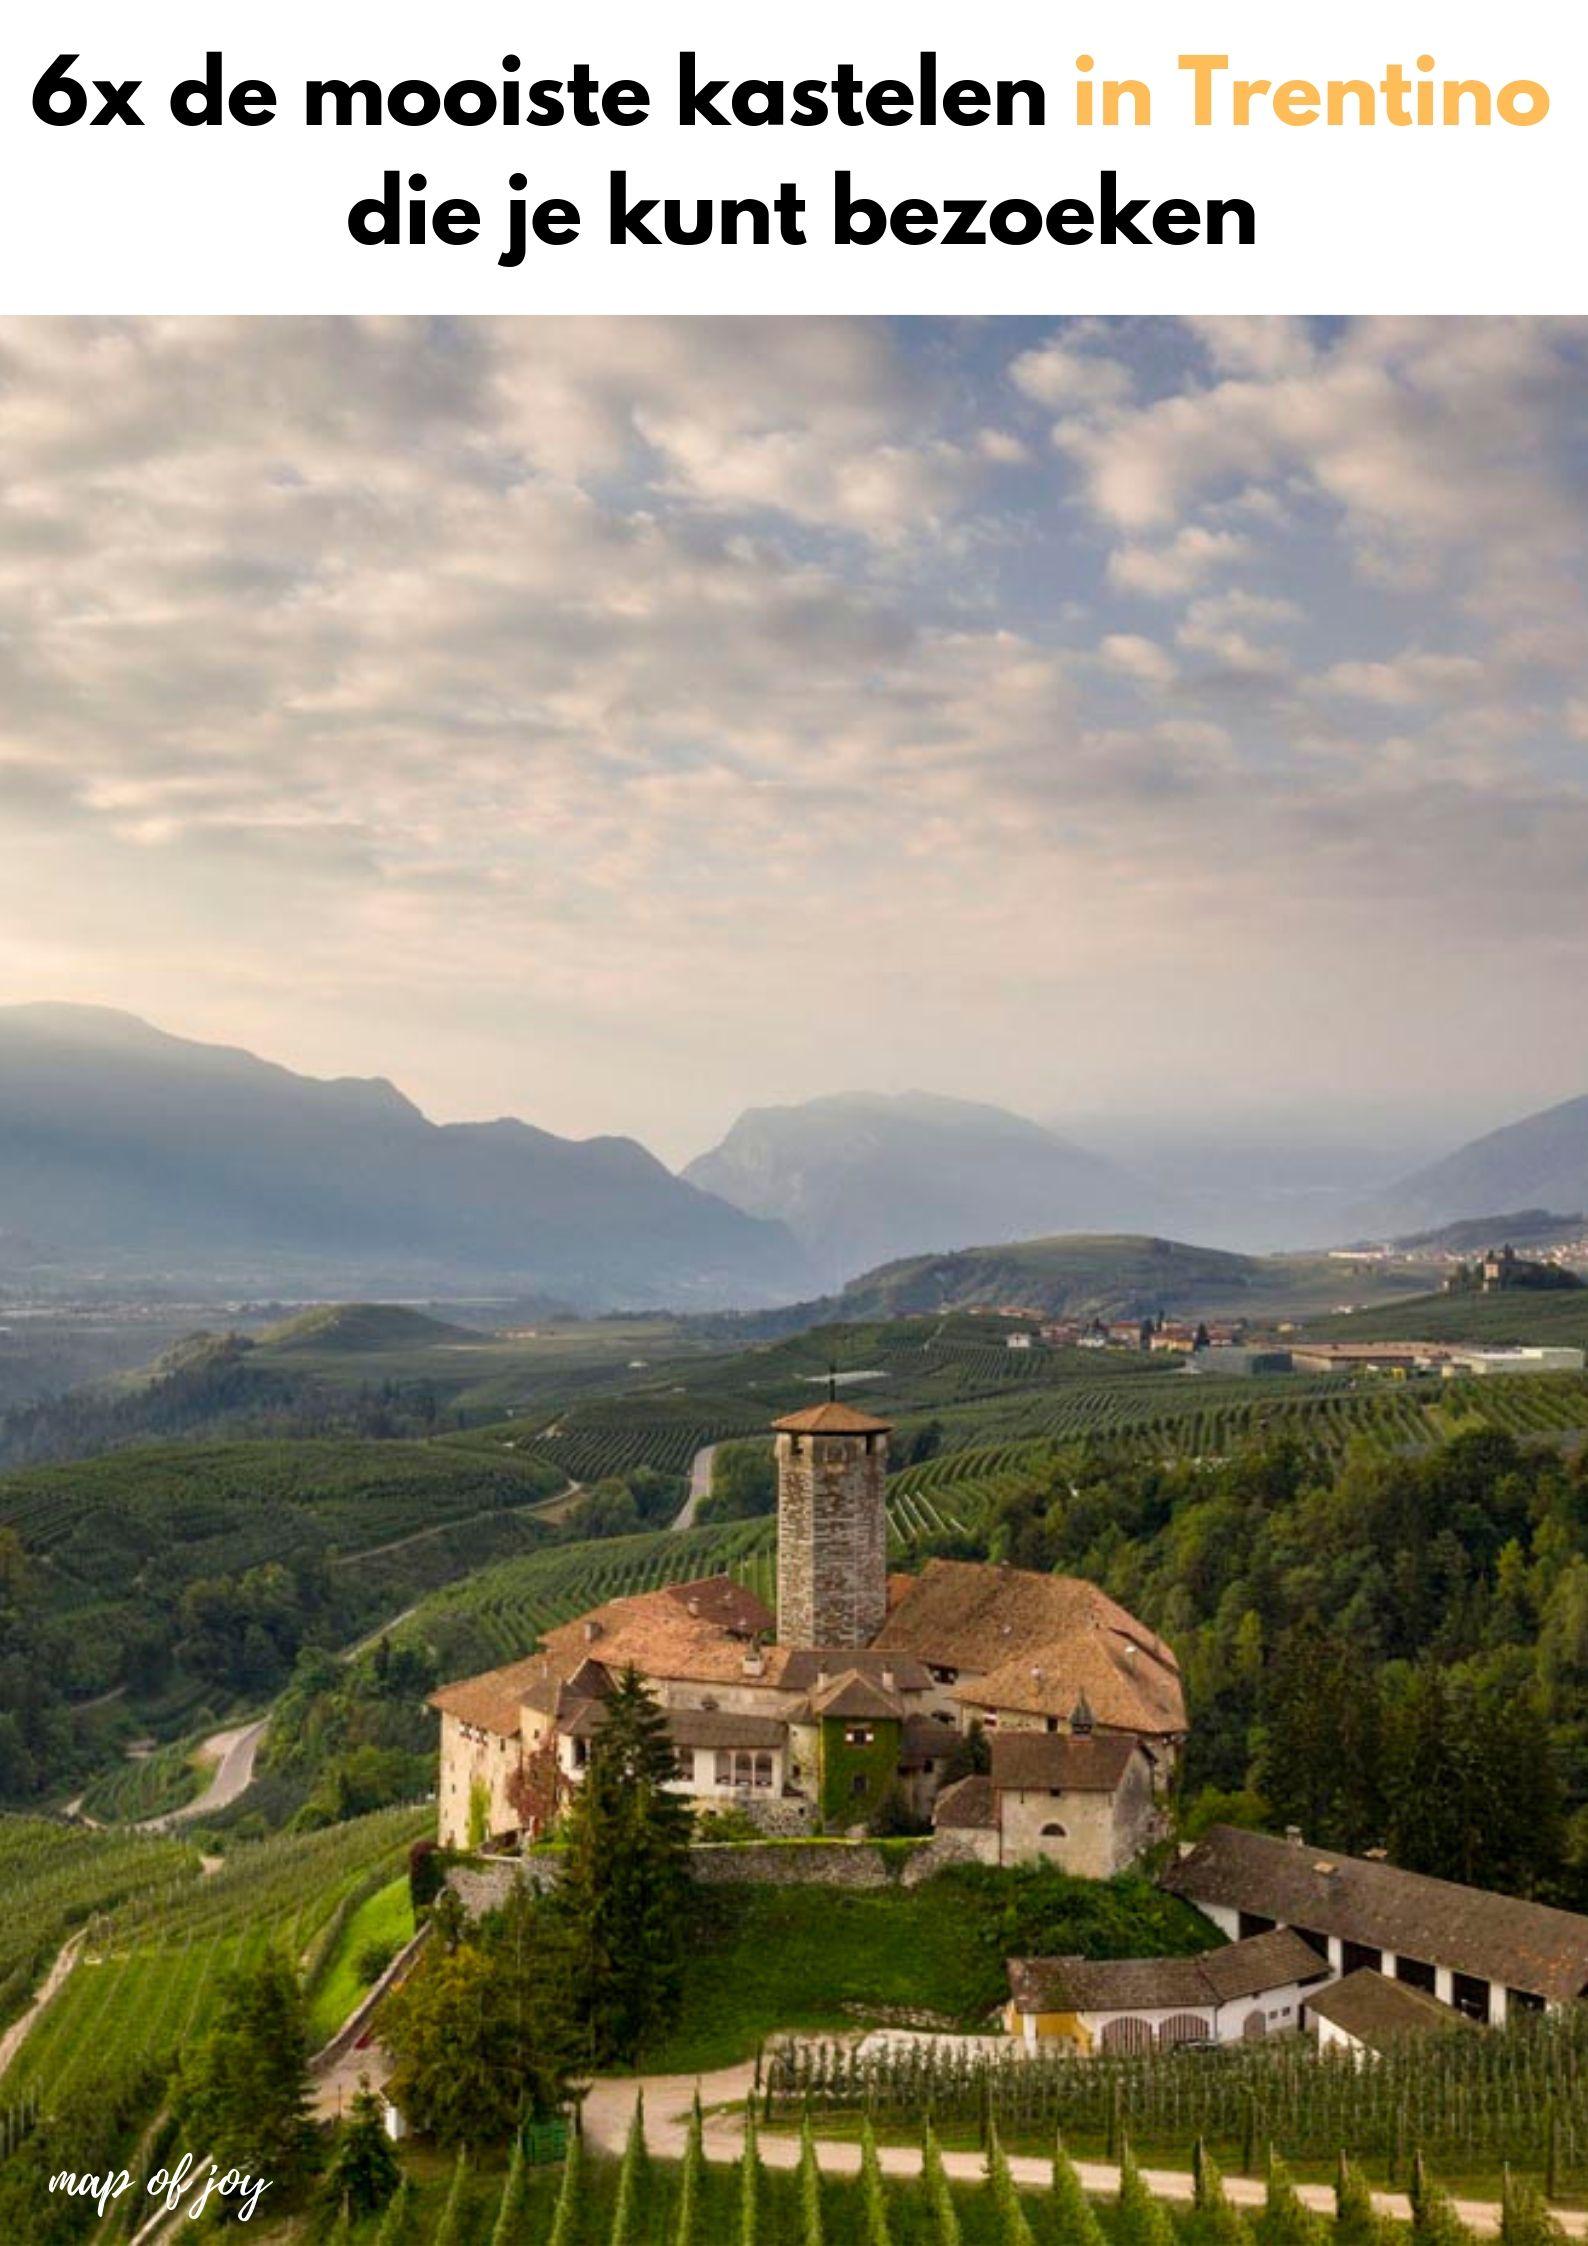 6x de mooiste kastelen in Trentino die je kunt bezoeken - Map of Joy